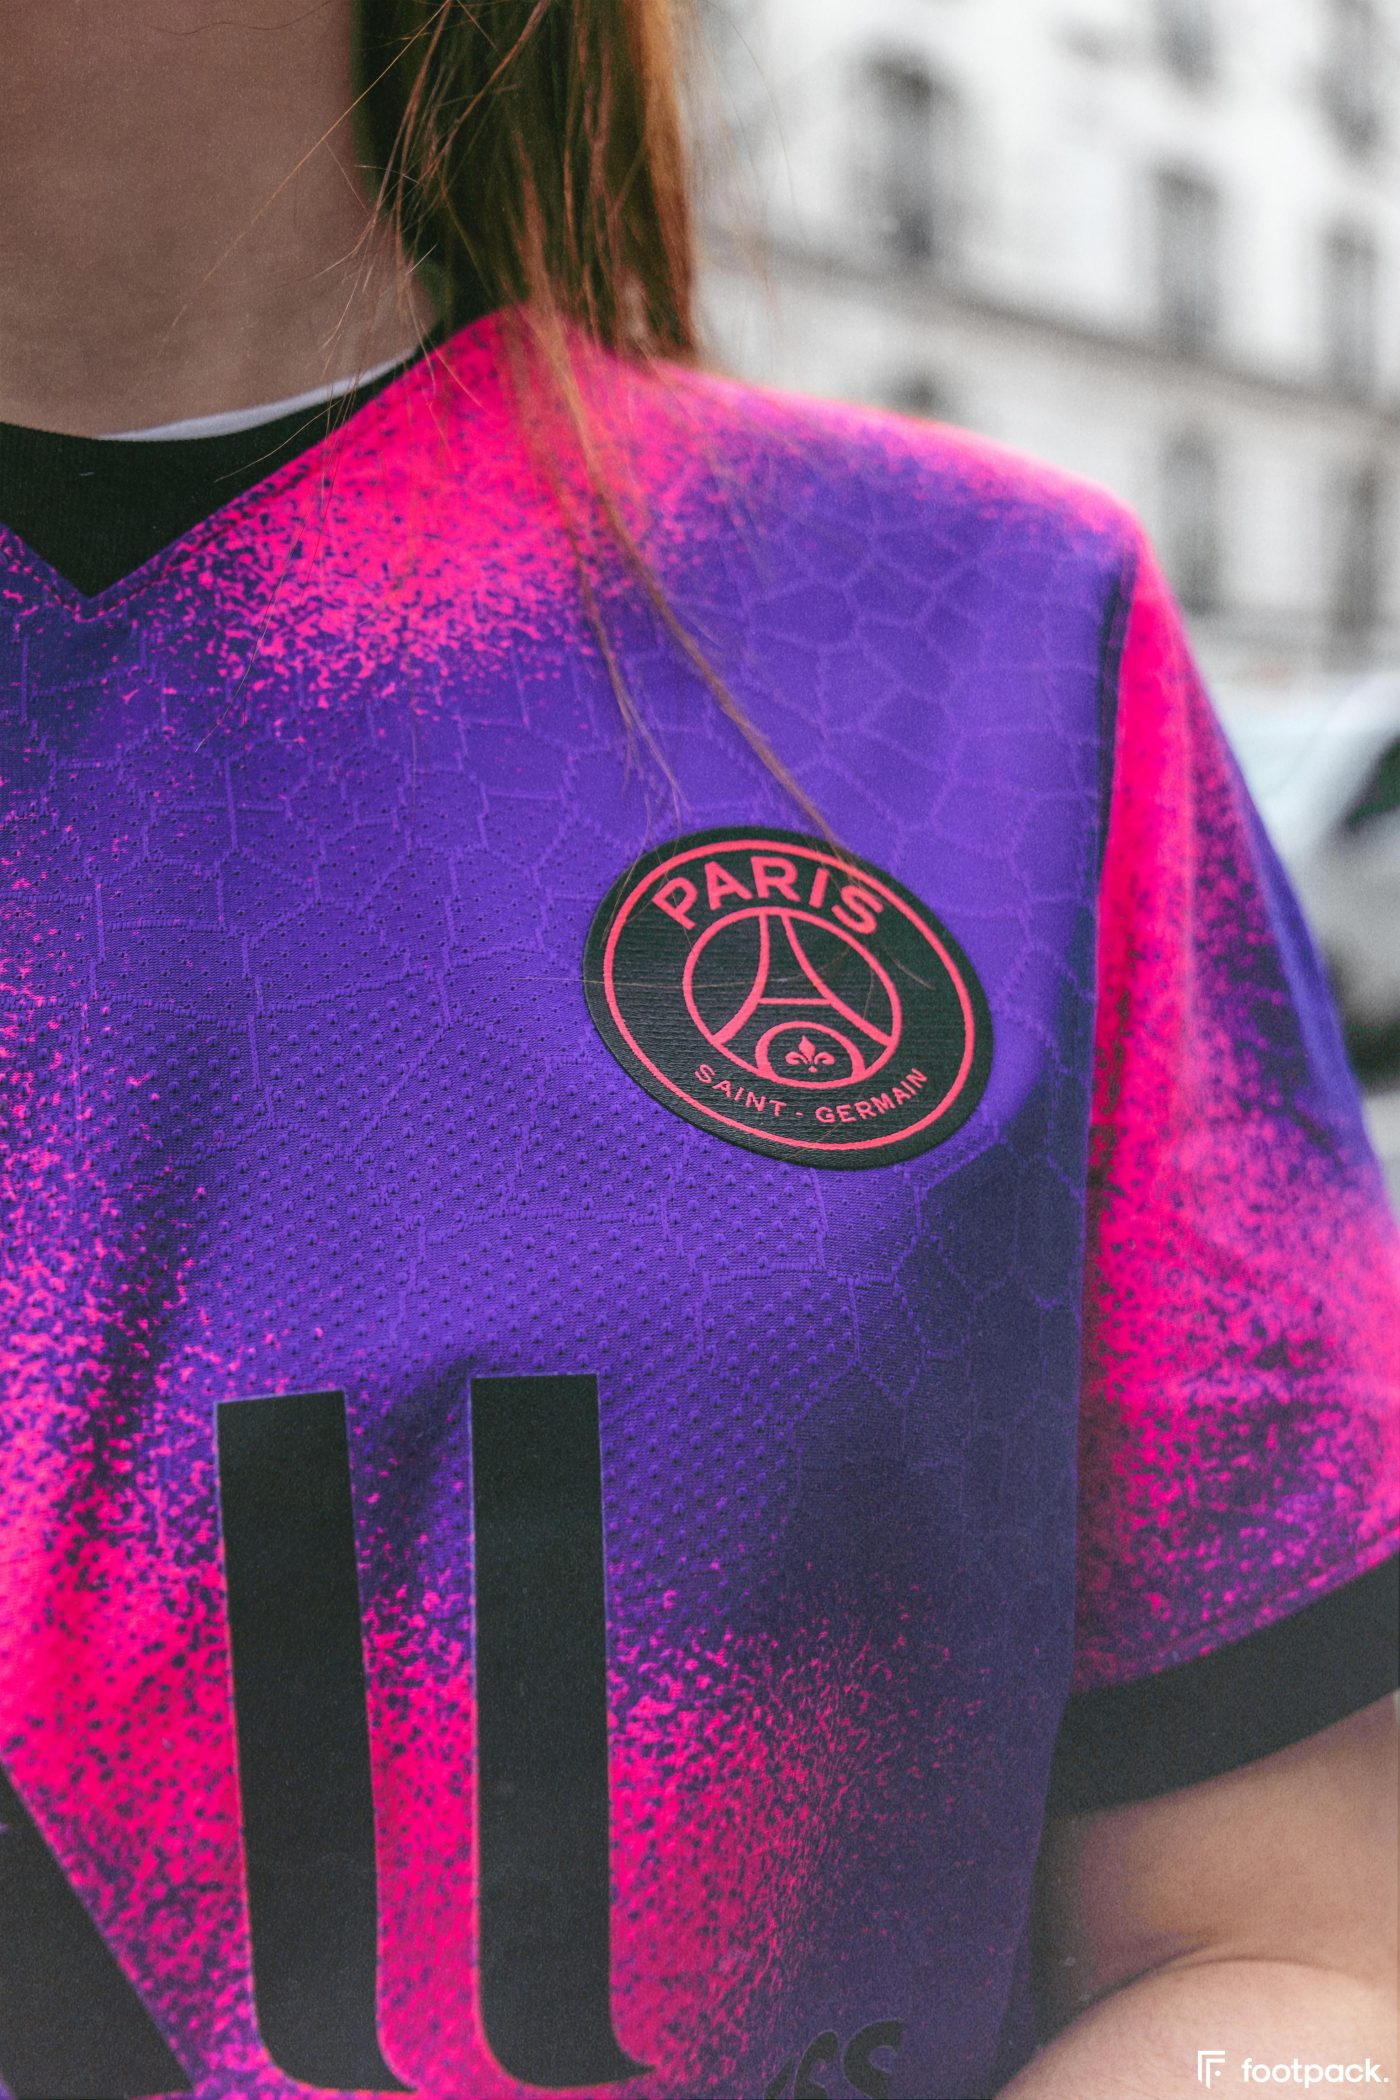 maillot-psg-jordan-rose-violet-2021-footpack-14